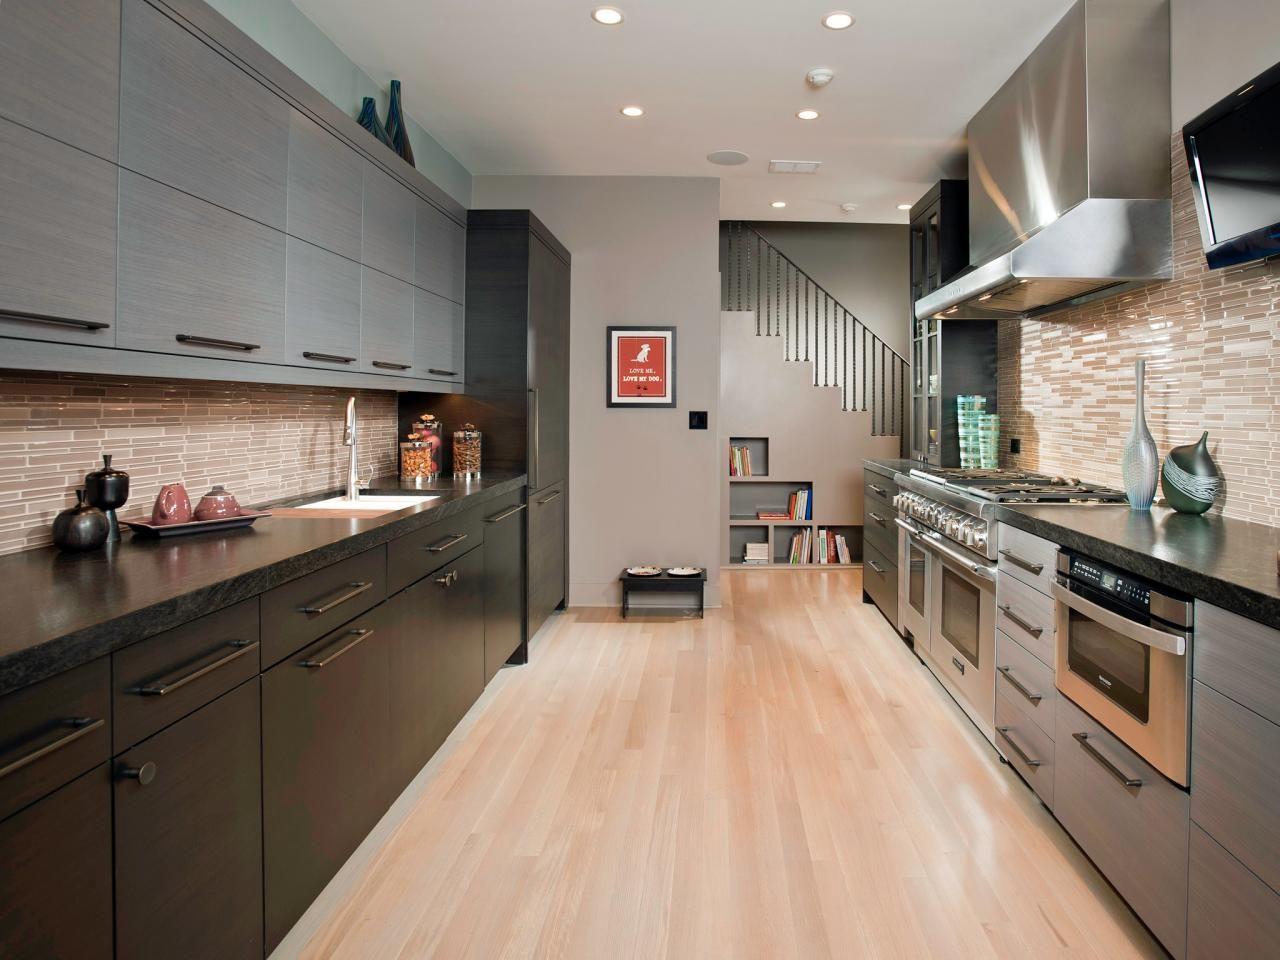 Schöne Galerie von Küchendesigns, um Ideen zu gewinnen - Dekoration ideen #ikeagalleykitchen